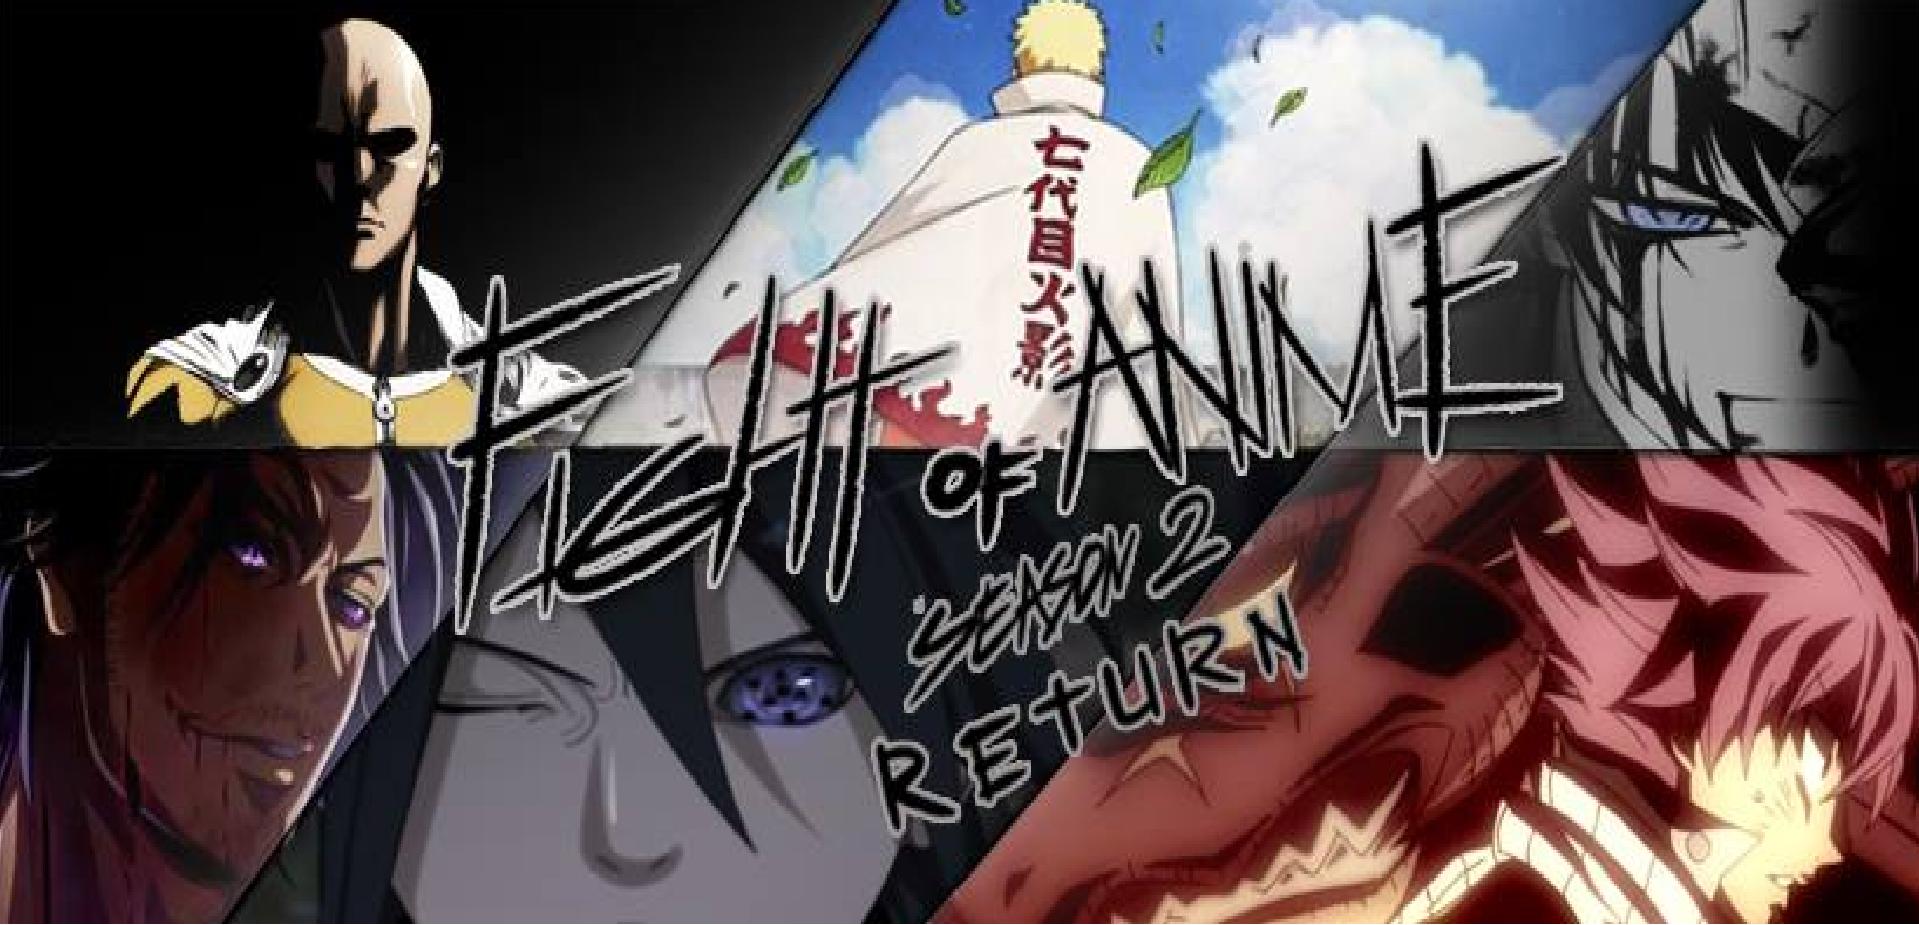 World of anime return